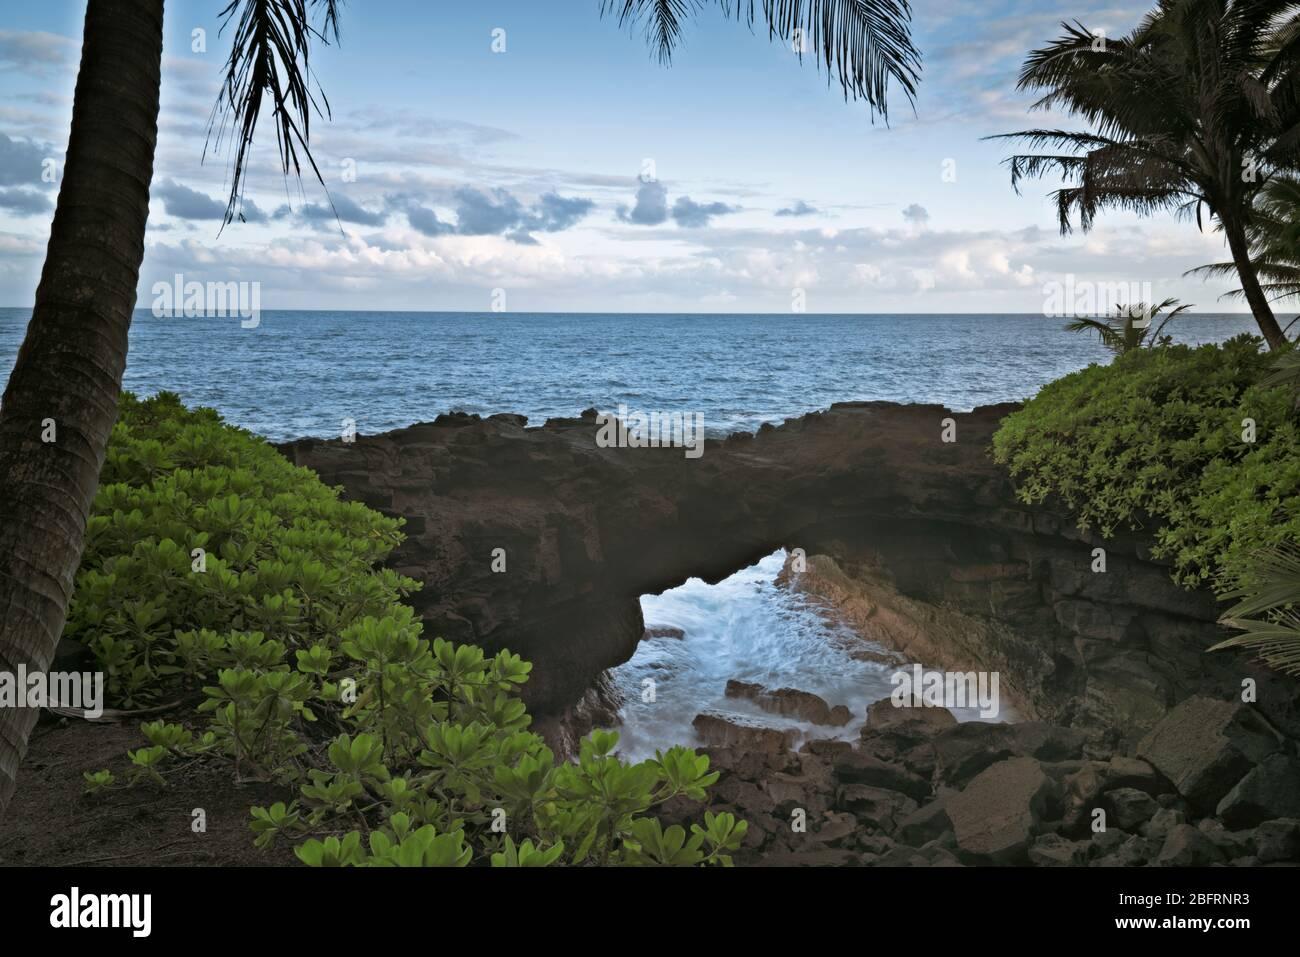 L'océan Pacifique se précipite dans cette arche de lave naturelle le long de la côte de Puna sur la Grande île d'Hawaï. Banque D'Images